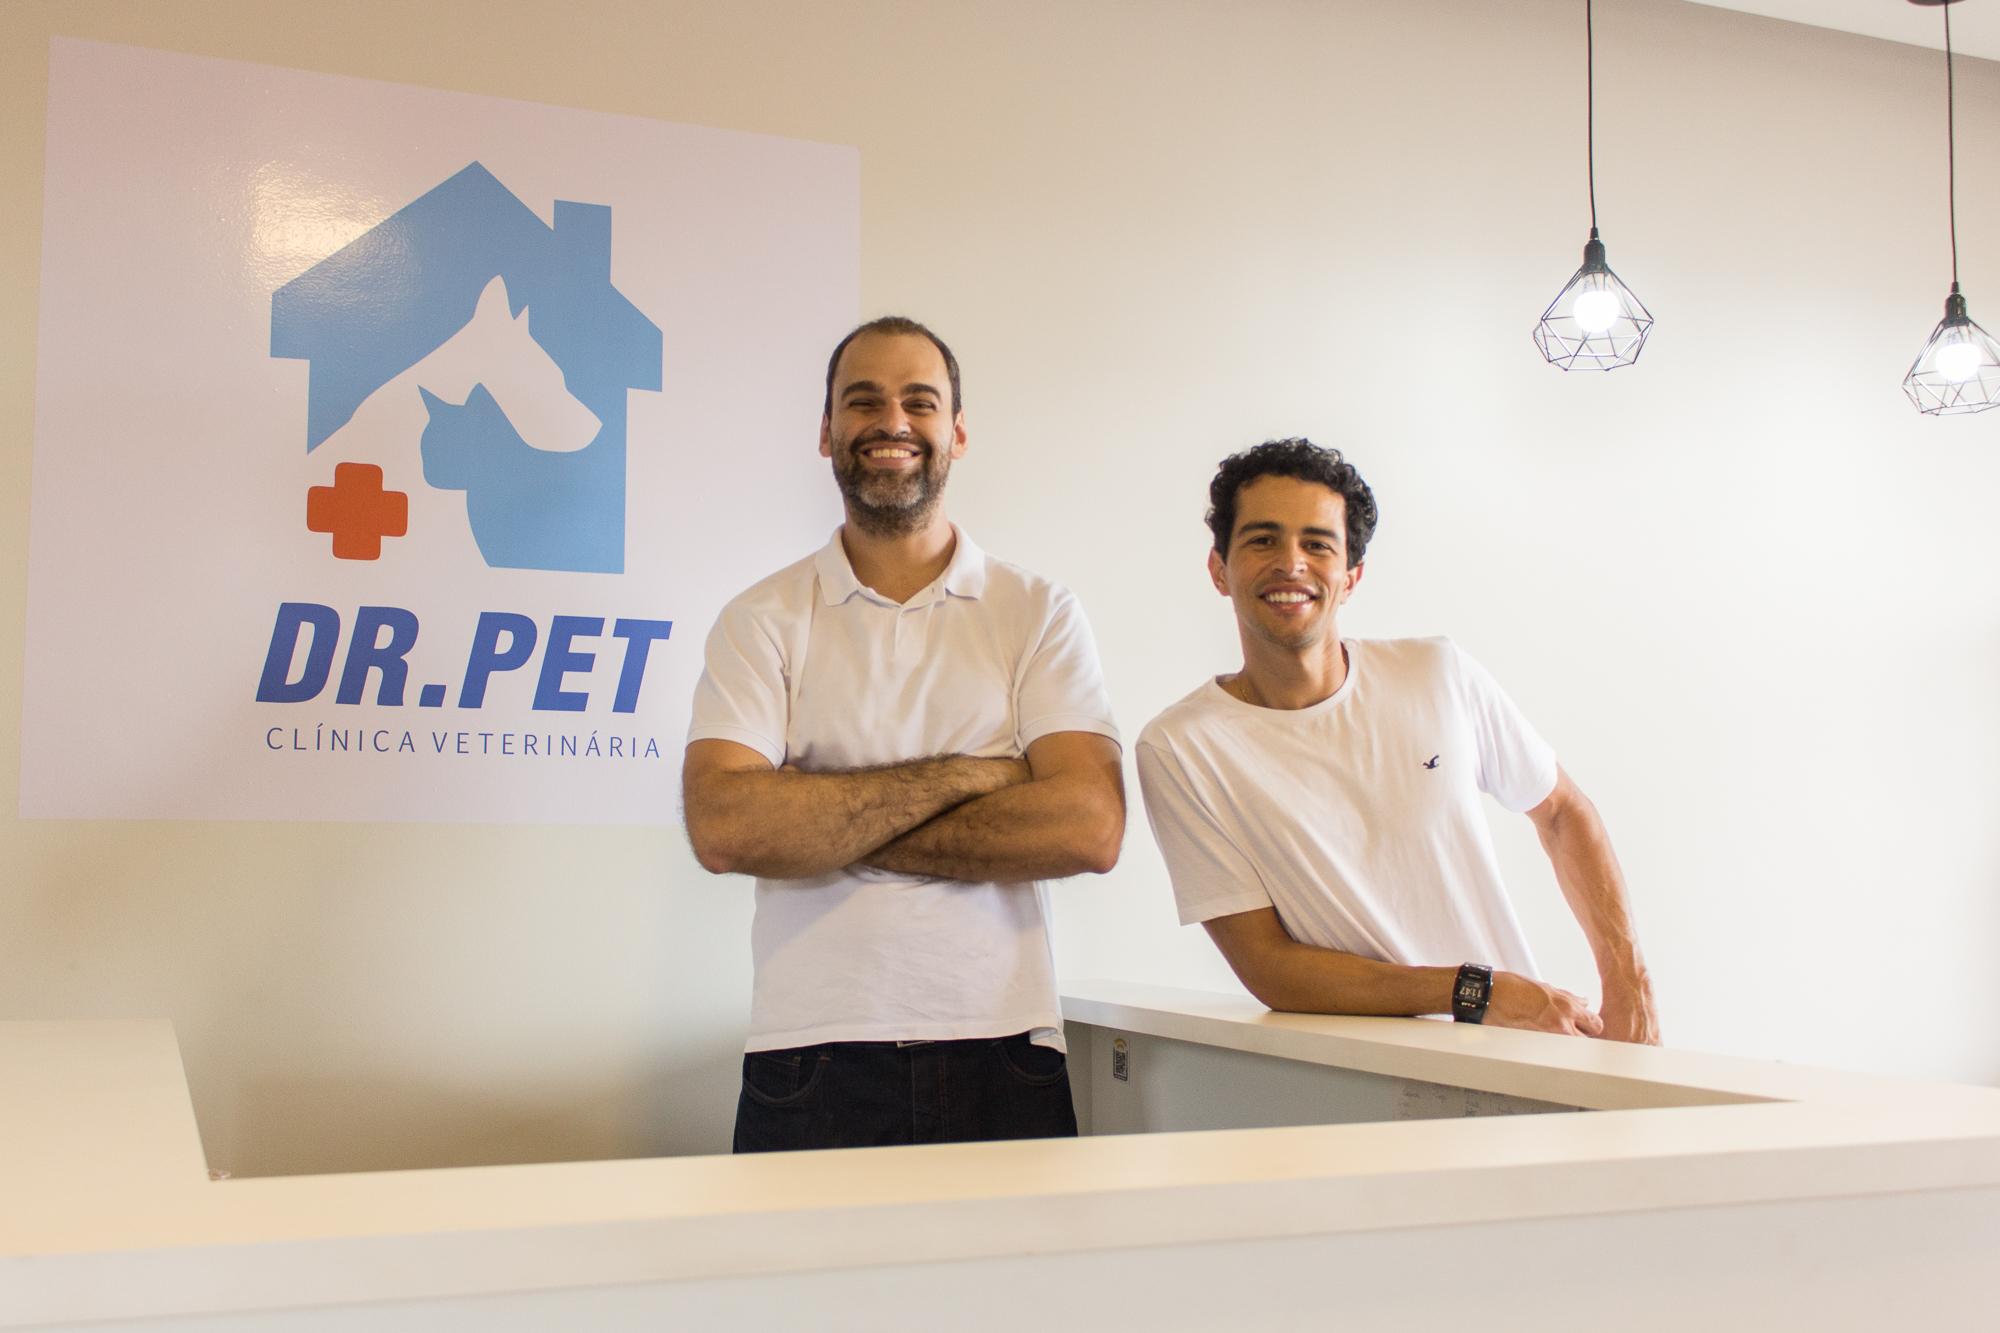 Com veterinários experientes, emergência 24h e preço justo, clínica Dr. Pet é inaugurada em Itabira